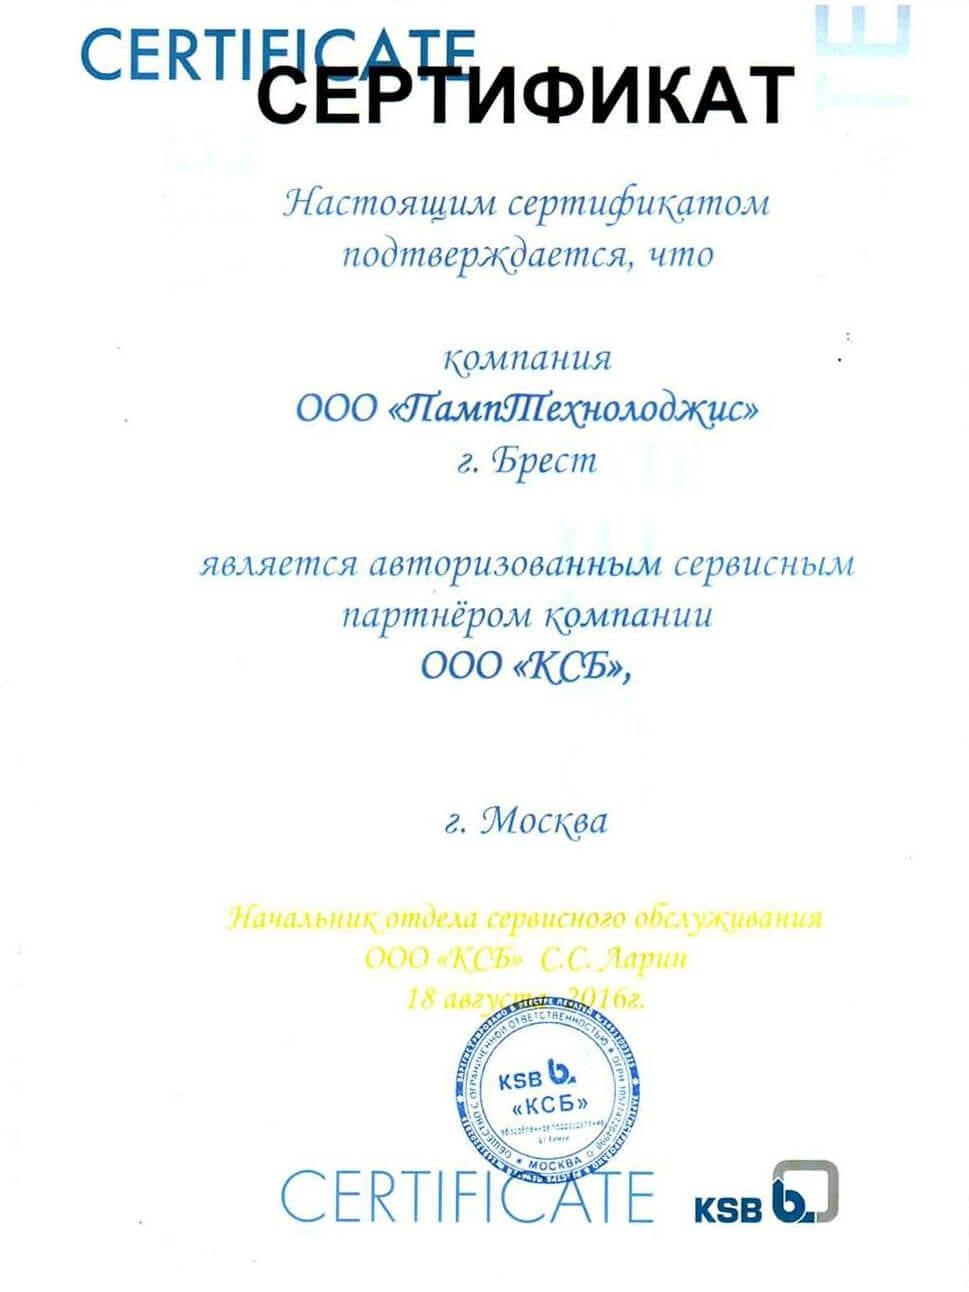 Сертификат о сервисном партнерстве с KSB